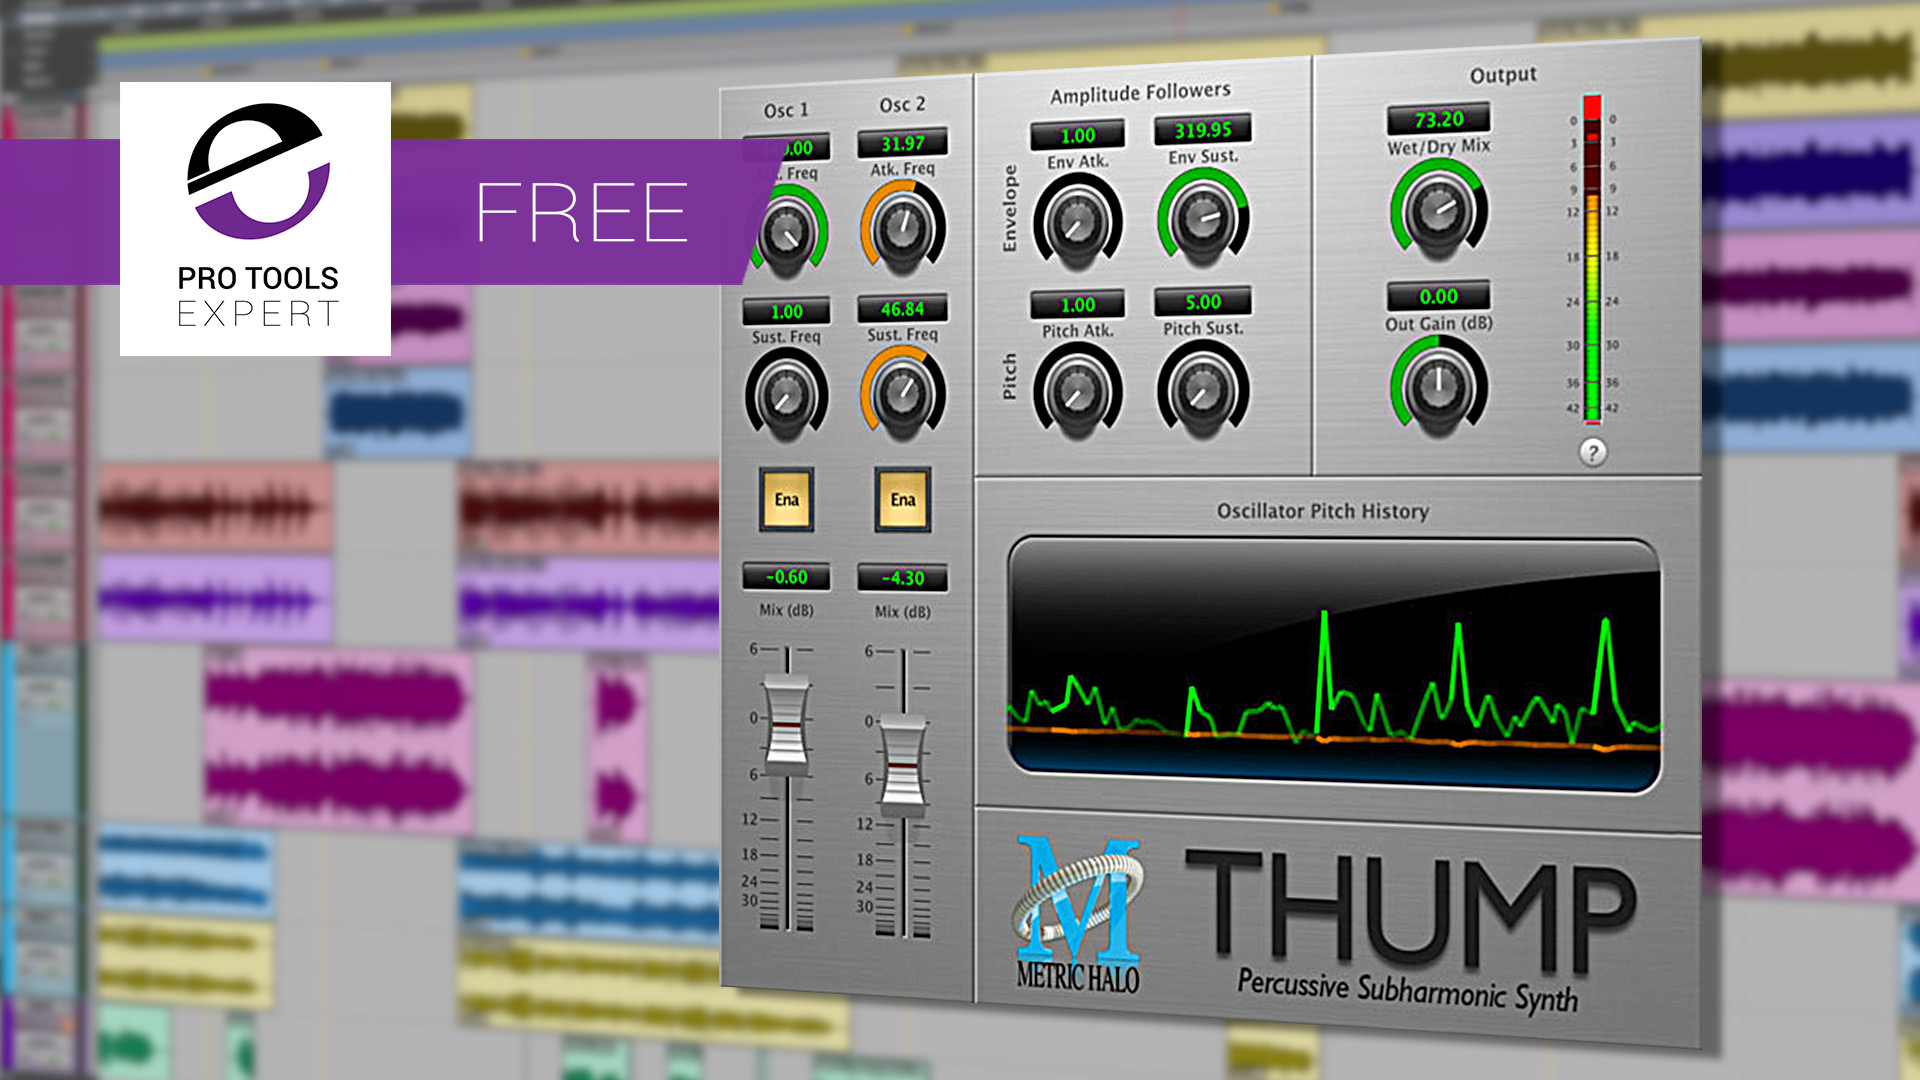 free-pro-tools-plugin-thump-metric-halo.jpg